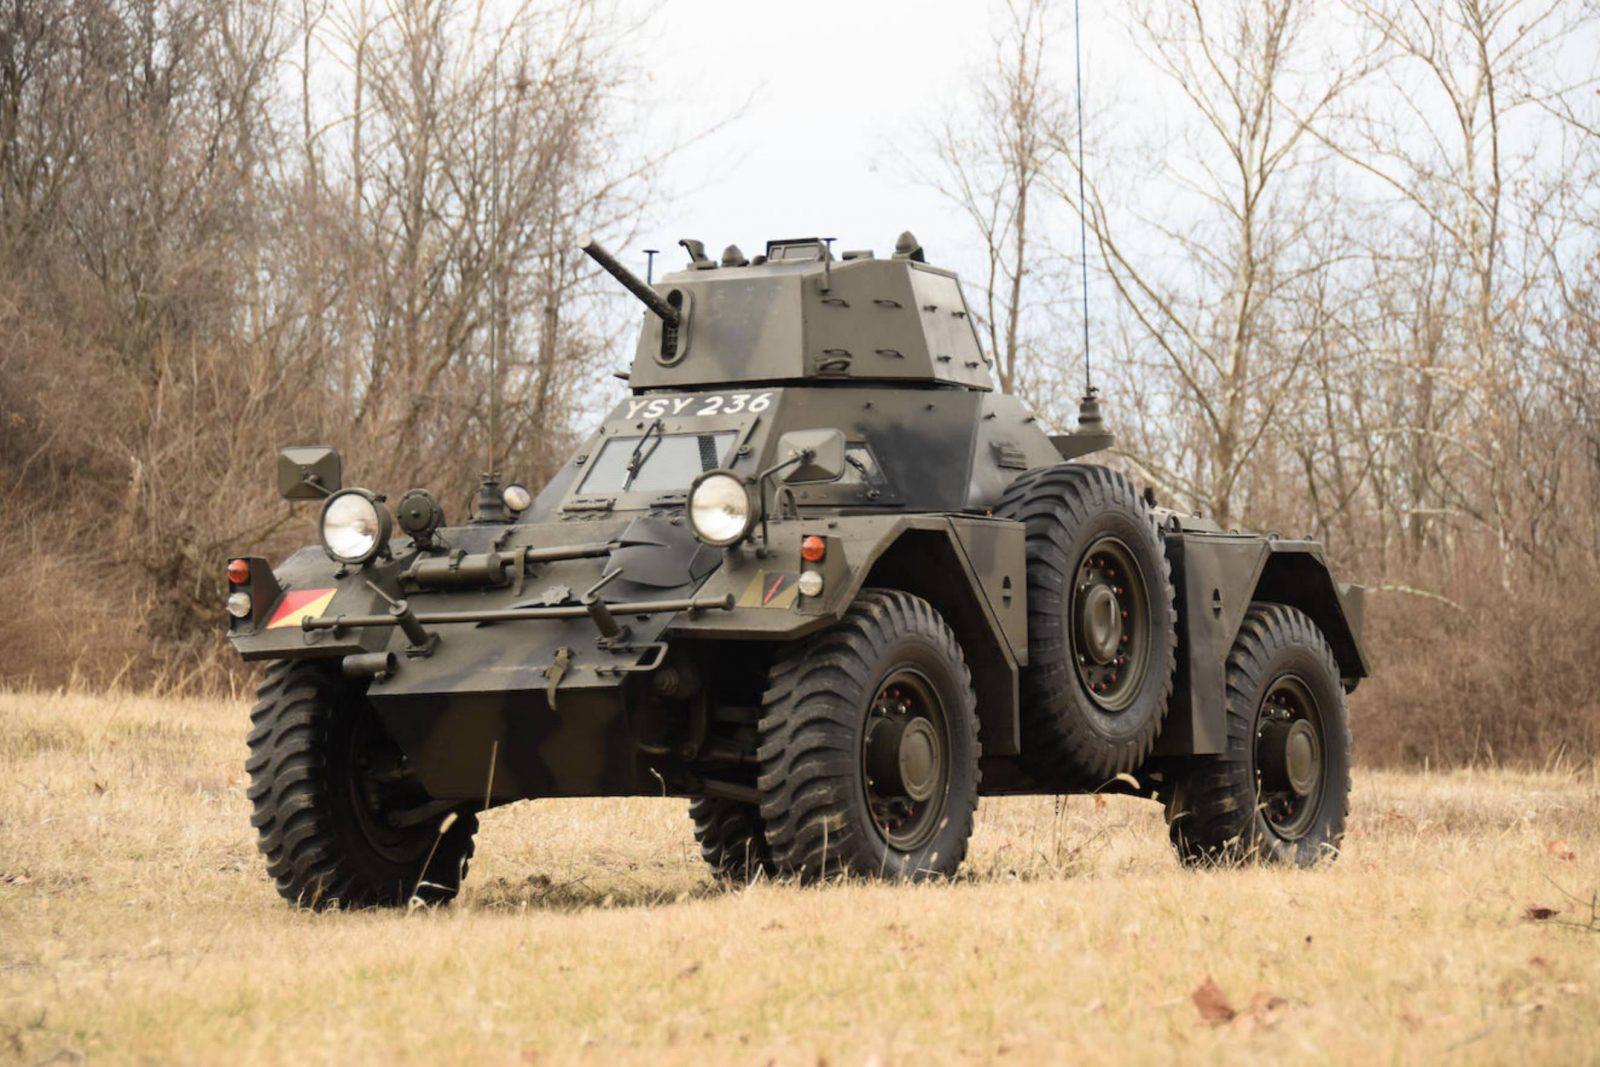 Daimler Ferret Scout Car 1600x1067 - Paintball Gun Equipped Daimler Ferret